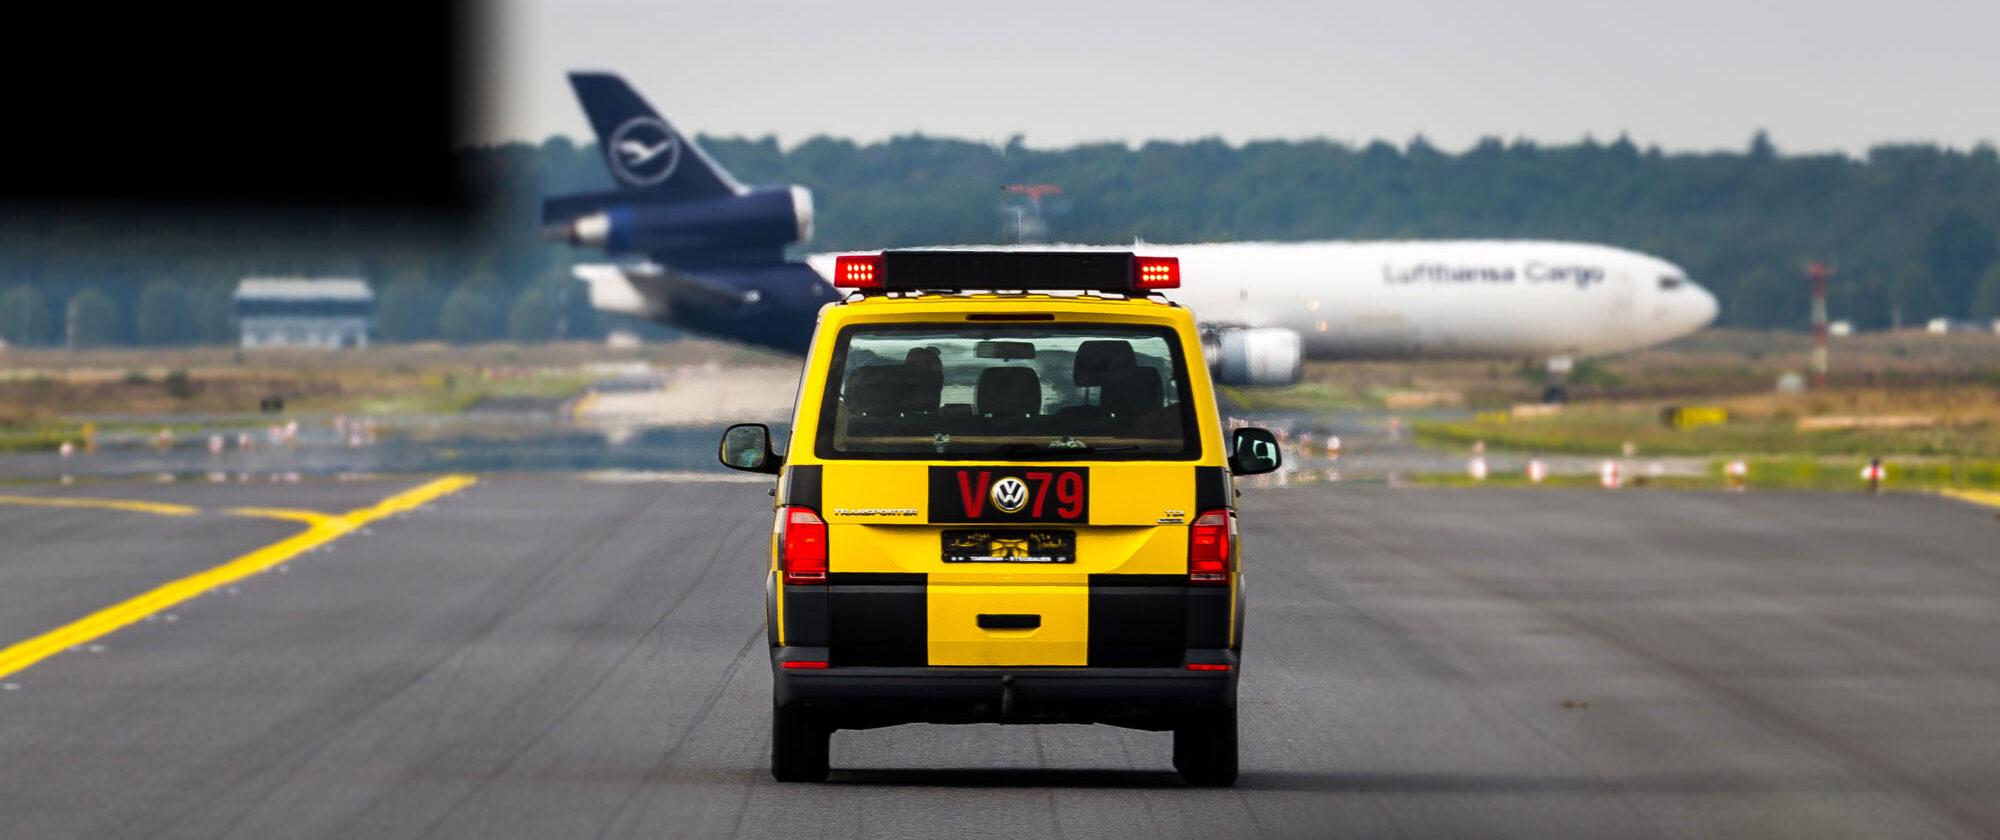 Goodbye Lufthansa Cargo MD-11F